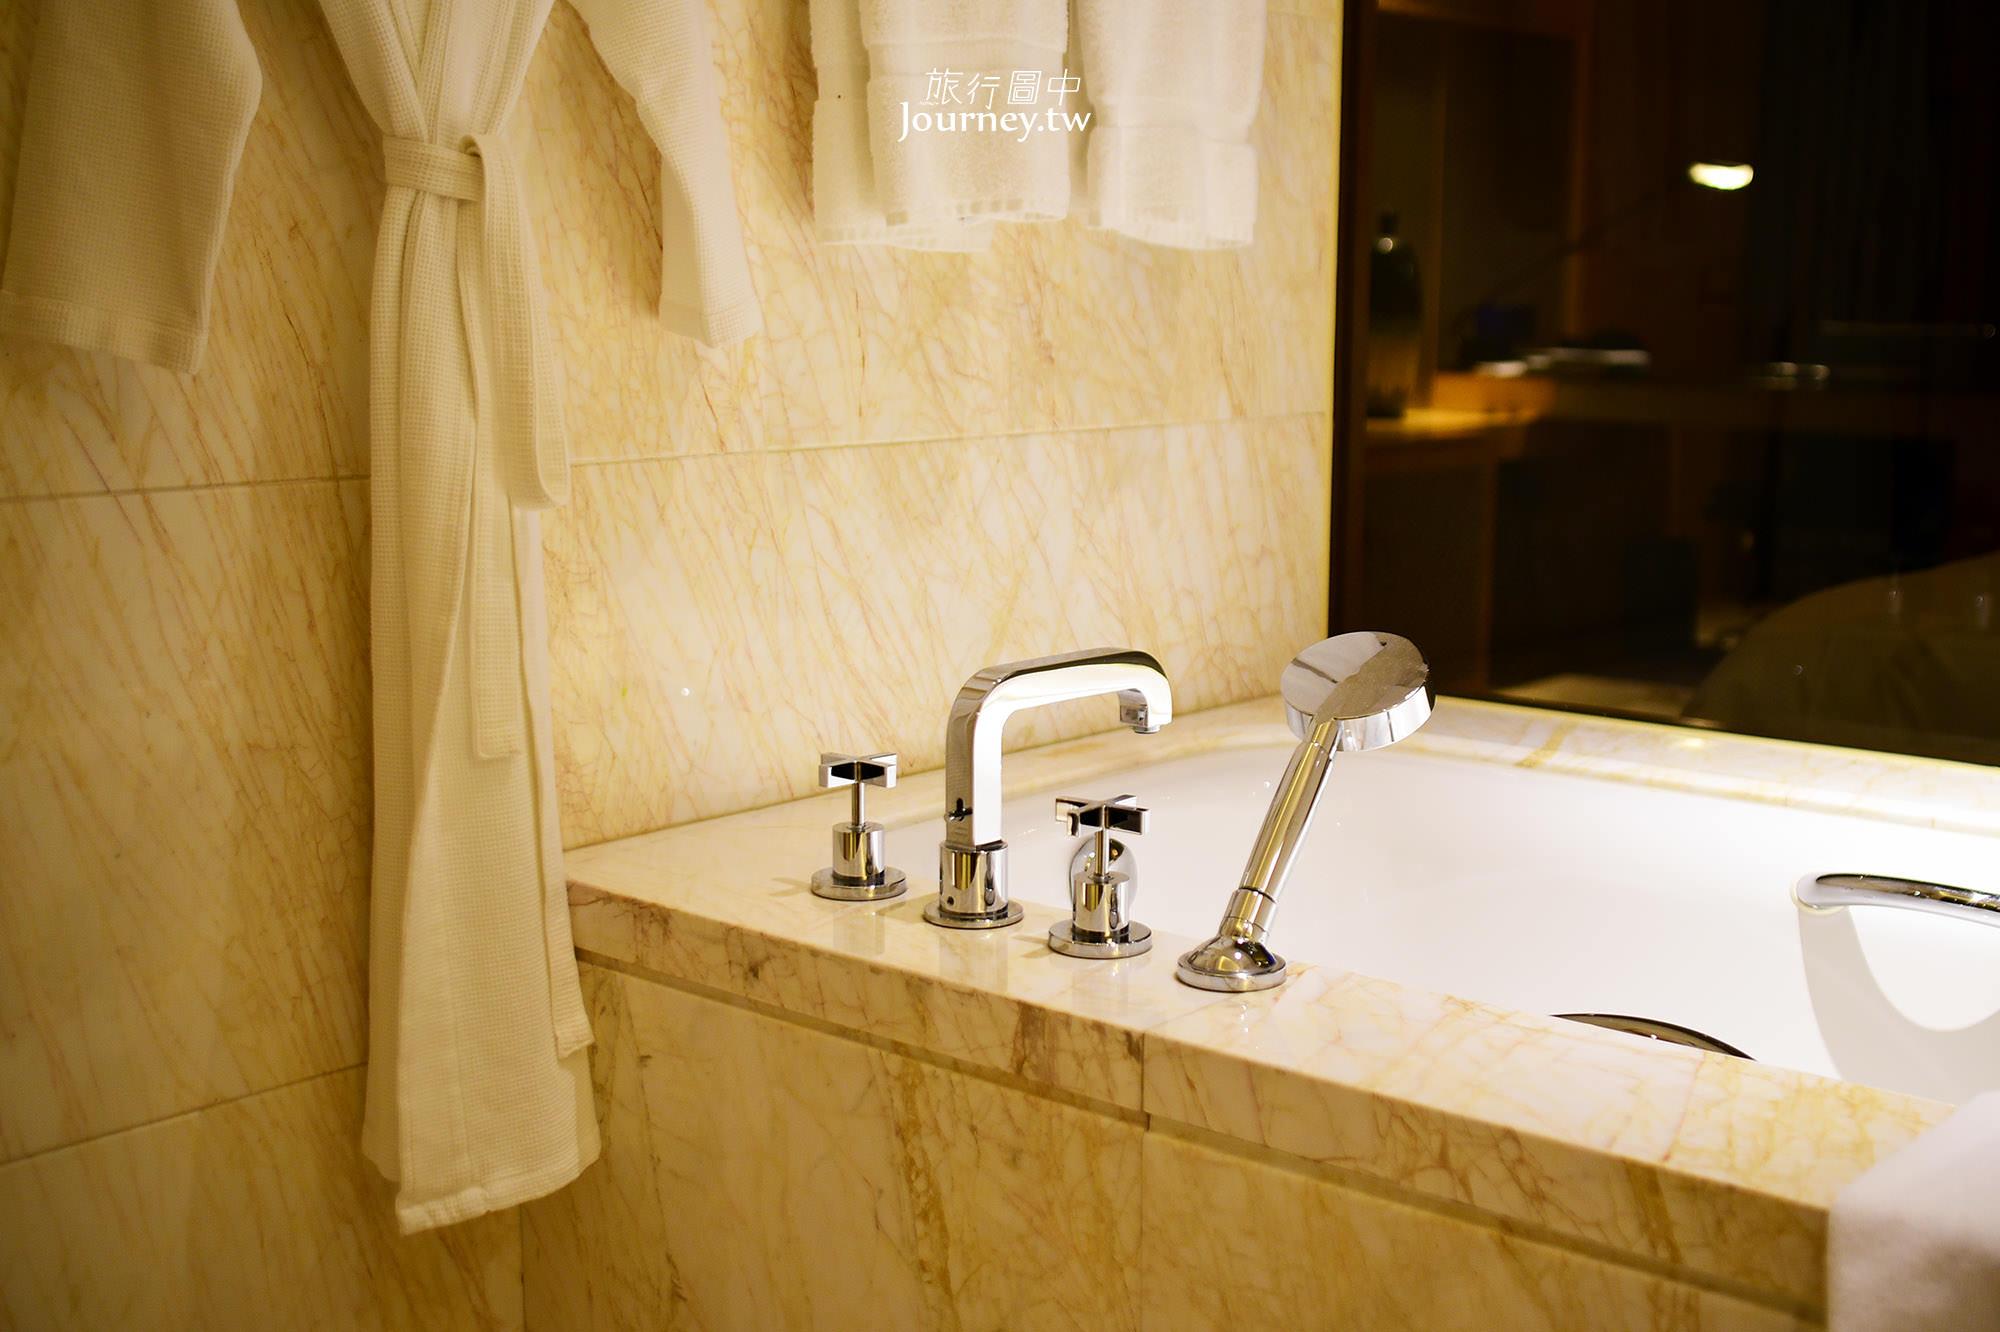 福州住宿,福州萬達威斯汀酒店